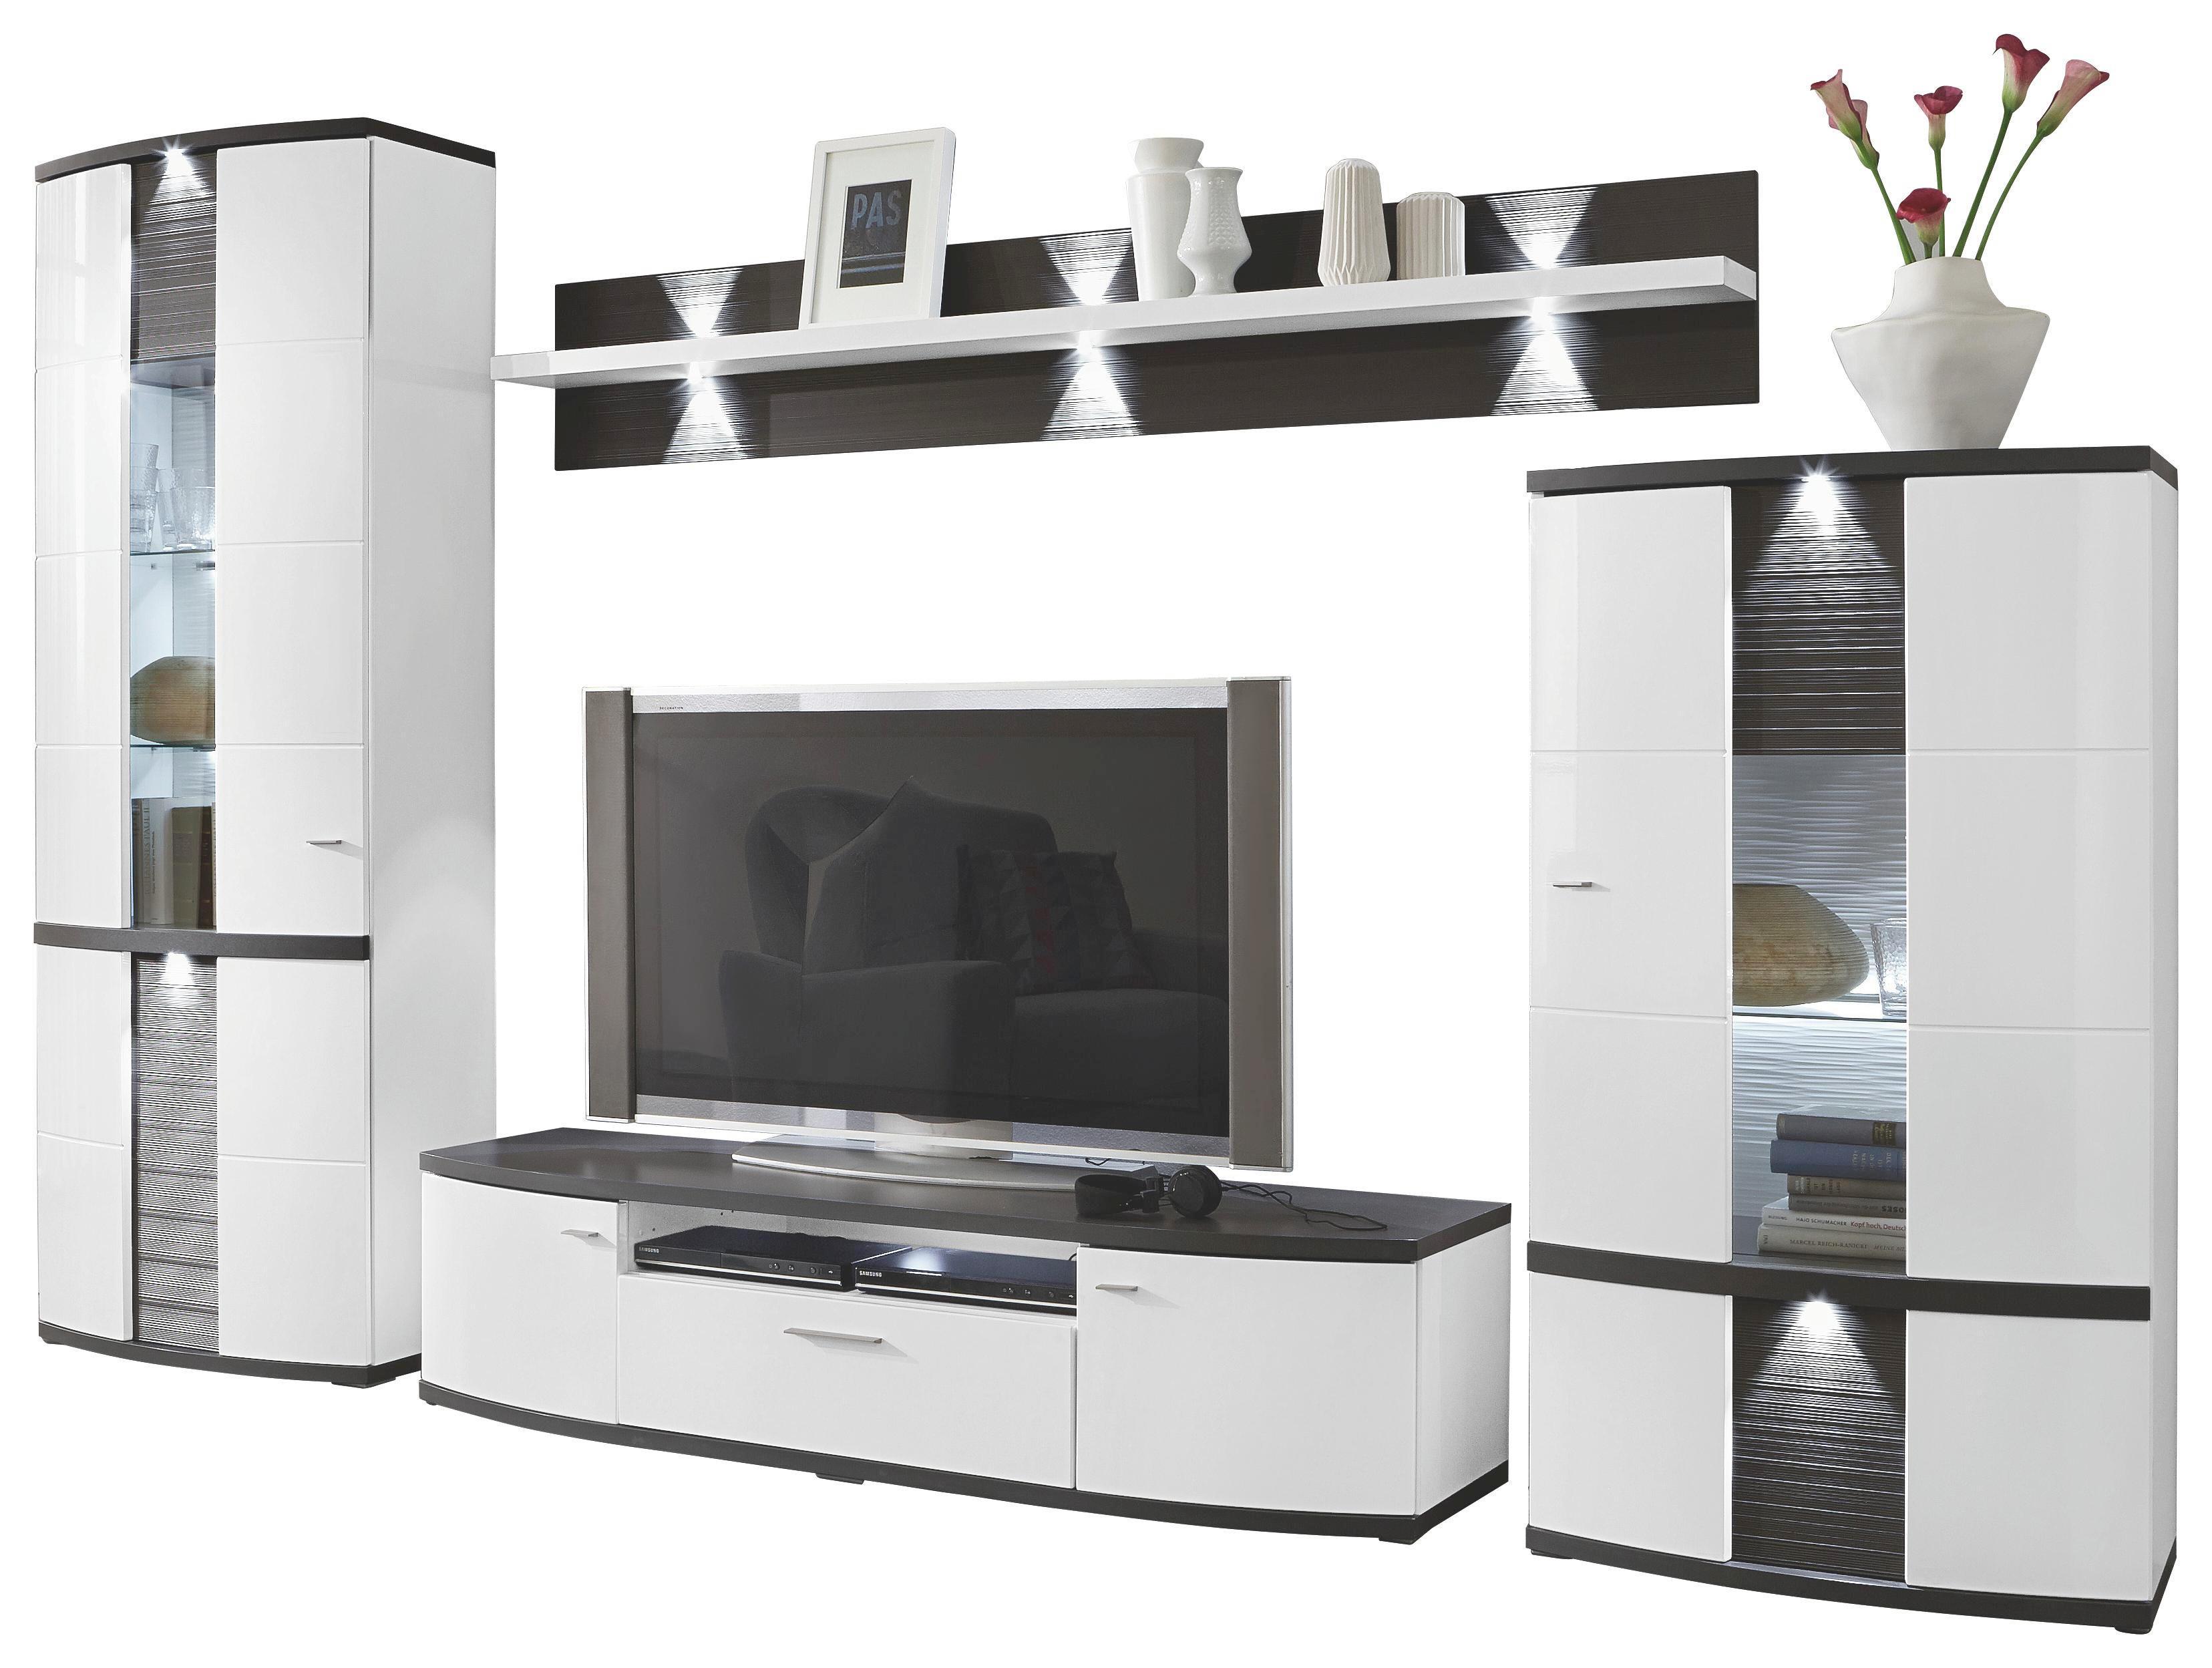 Xora Wohnwand Suche Hersteller Schwarzweie Moderne Wohnwand With